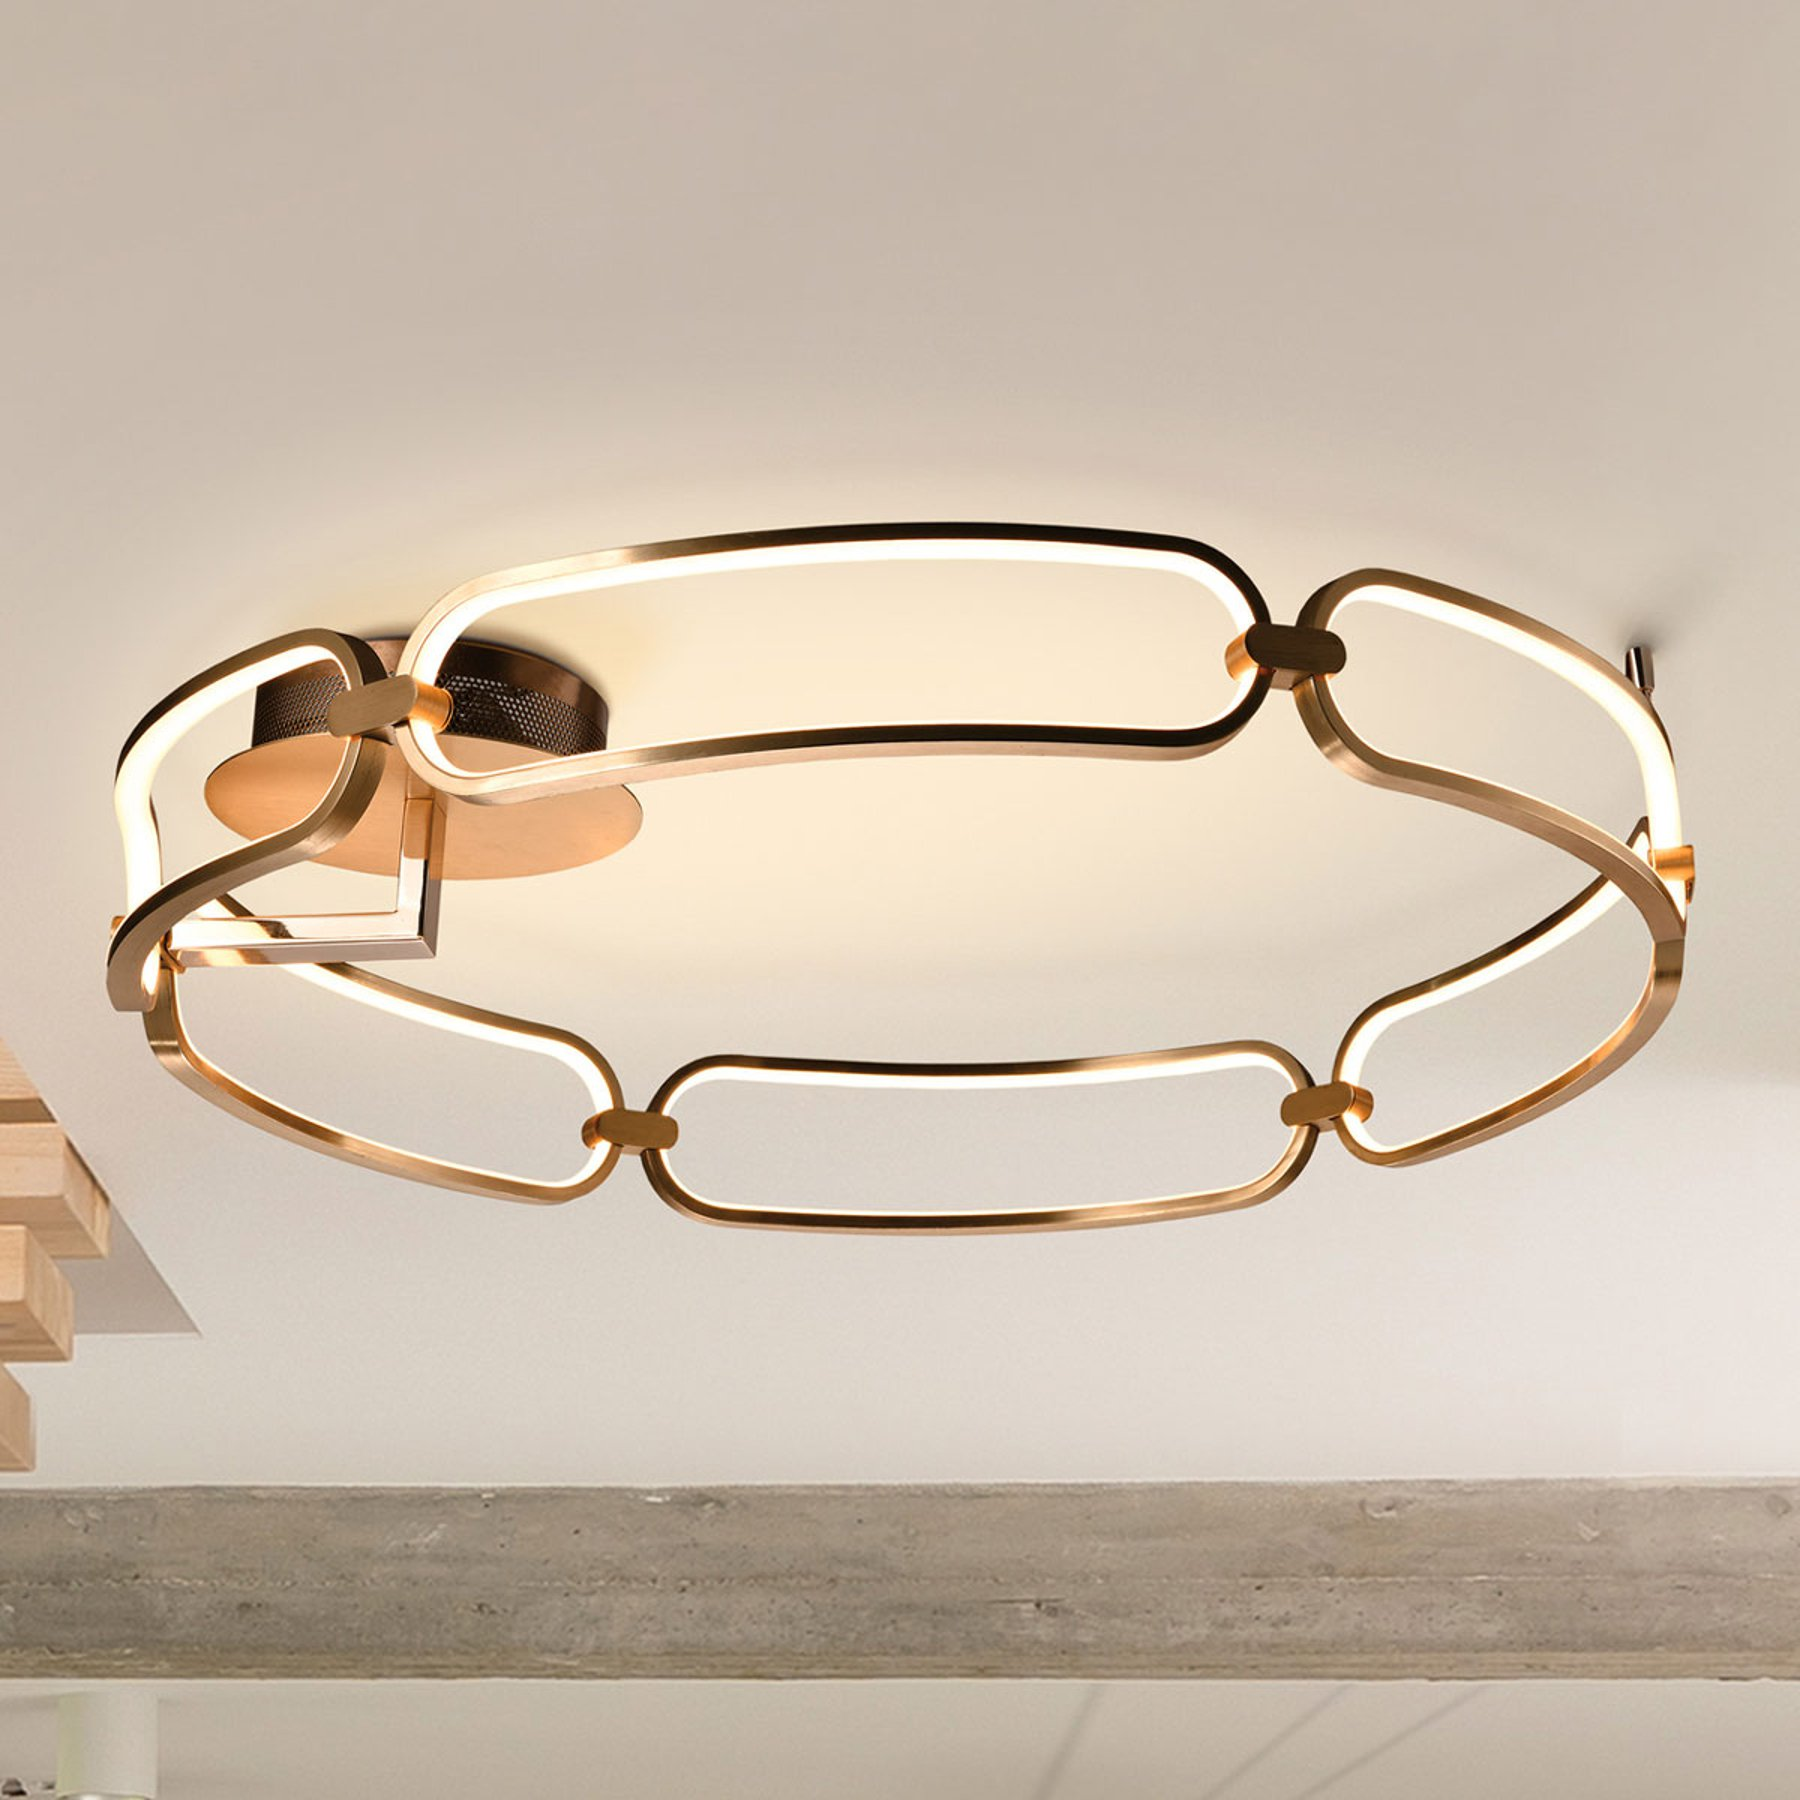 LED-taklampe Colette, 6 lyskilder, rosegull